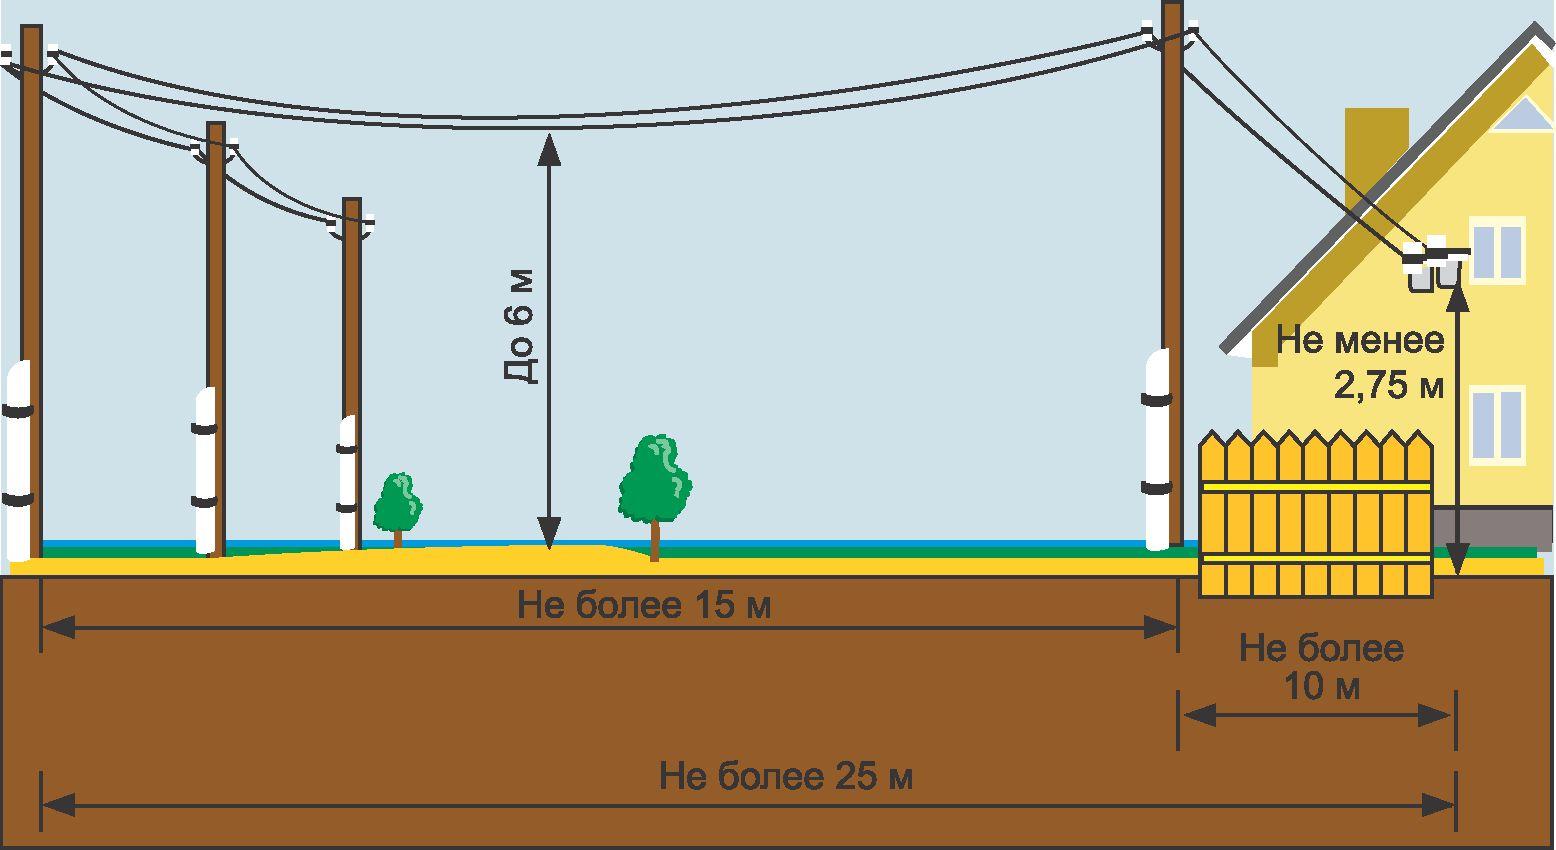 Подключение дома к электричеству в рб электроснабжение в г.уфе по ул.первомайской, д.68